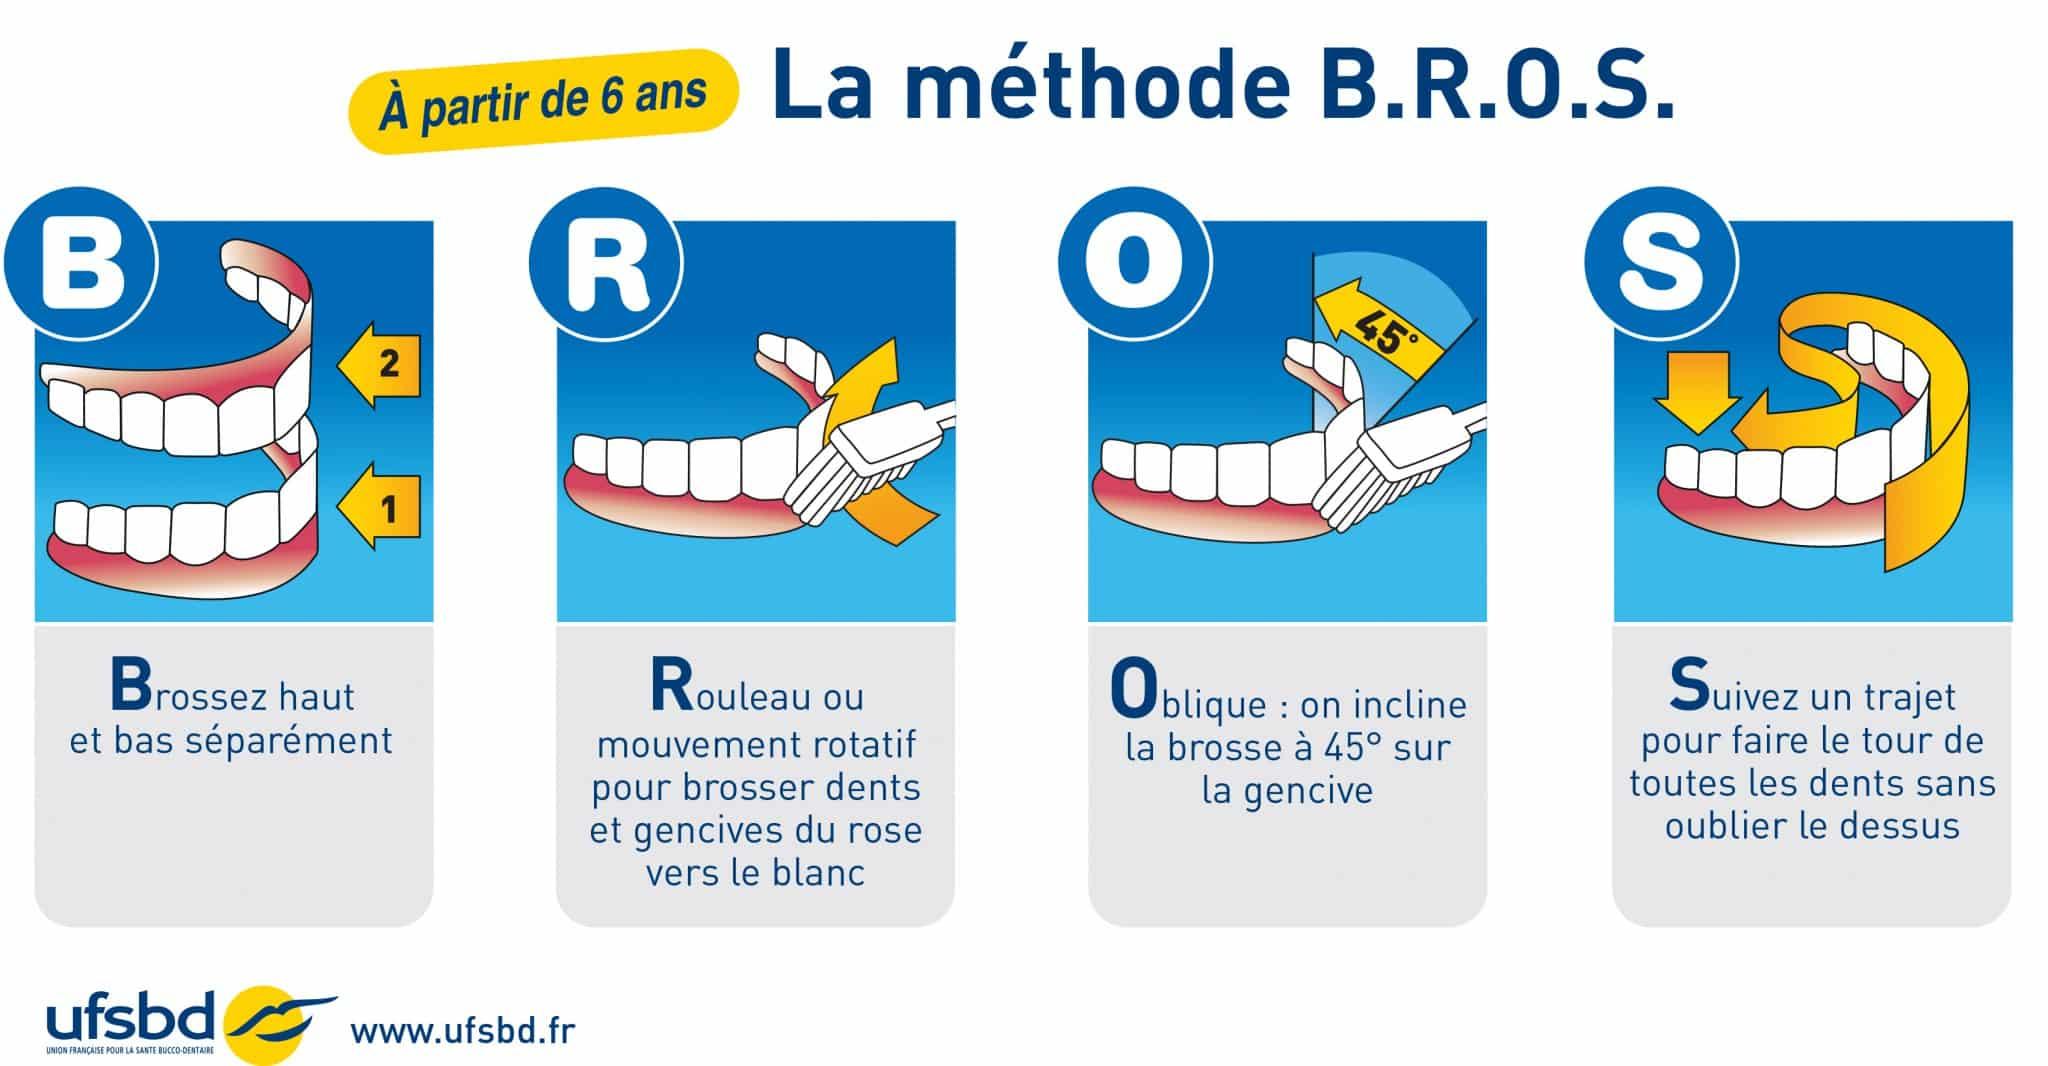 https://www.mgc-prevention.fr/wp-content/uploads/2015/08/MethodeBROS.jpg